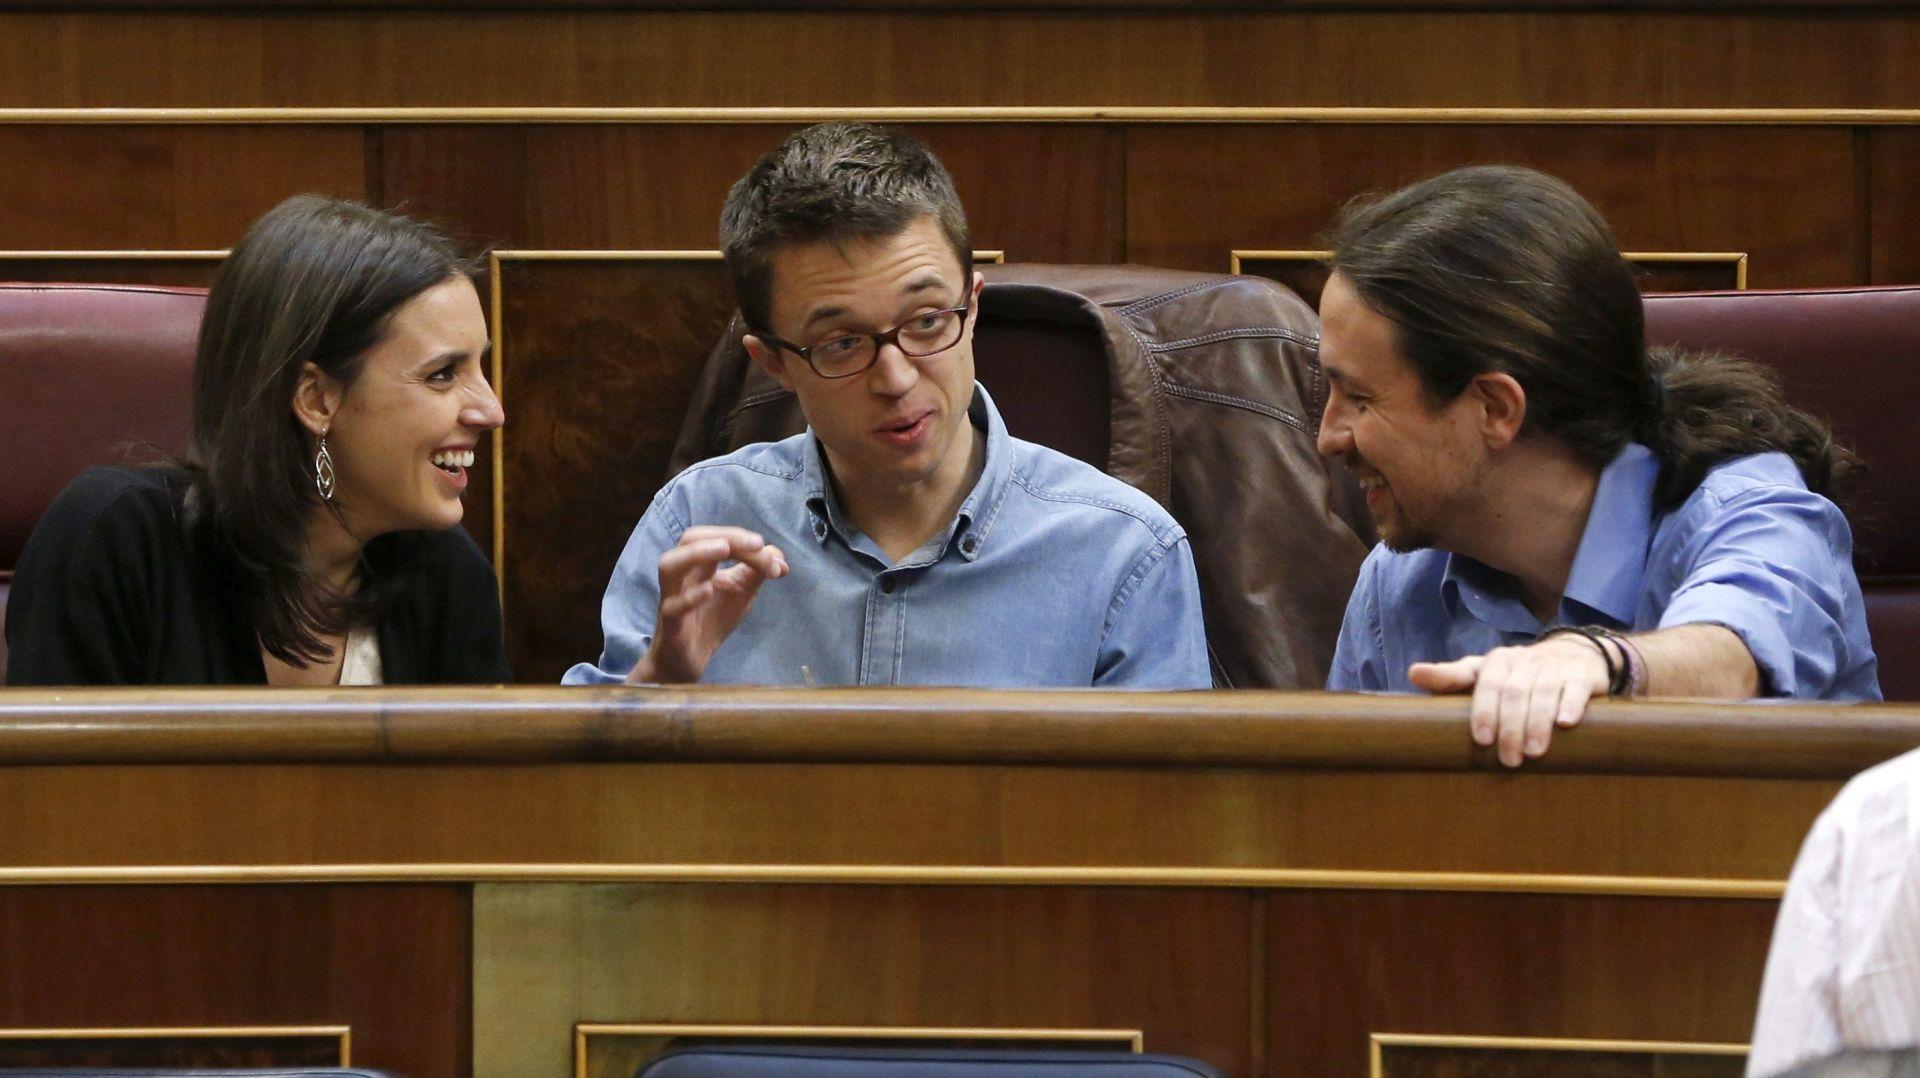 Španjolska ususret novim izborima: Koalicija Podemosa i Ujedinjene ljevice